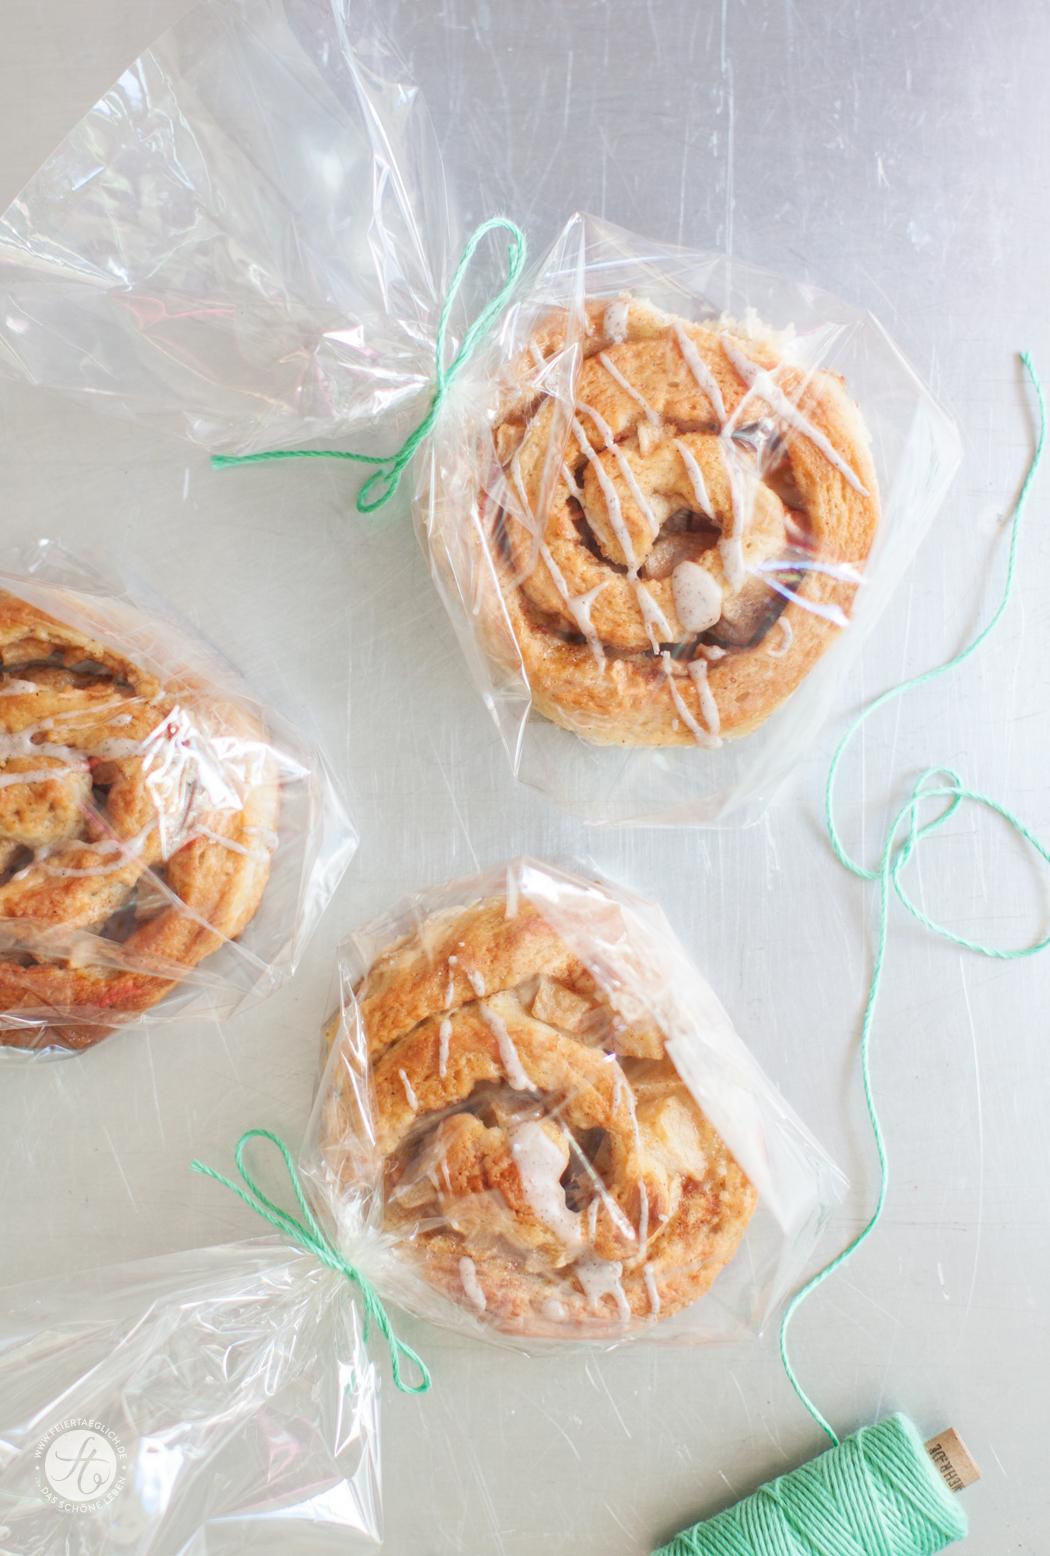 Apfel-Zimfoodblog, zimtschnecken, hefeschnecken, Rezept, Hefegebäck, Gebäck, Apfel, backen, ichbacksmir, feiertäglich, blog, Äpfel, einfach, saftig, fruchtig, schnell, Kardamom, knusprig, Vanille, Zuckerguss, vanilleguss, beste, hefe, cinammon rolls, Zimtrollen, Zimtt-Schnecken mit Vanille-Guss, ein Rezept für knusprige und zugleich saftige Hefeschnecken, die definitiv die Nerven beruhigen | von feiertäglich.de